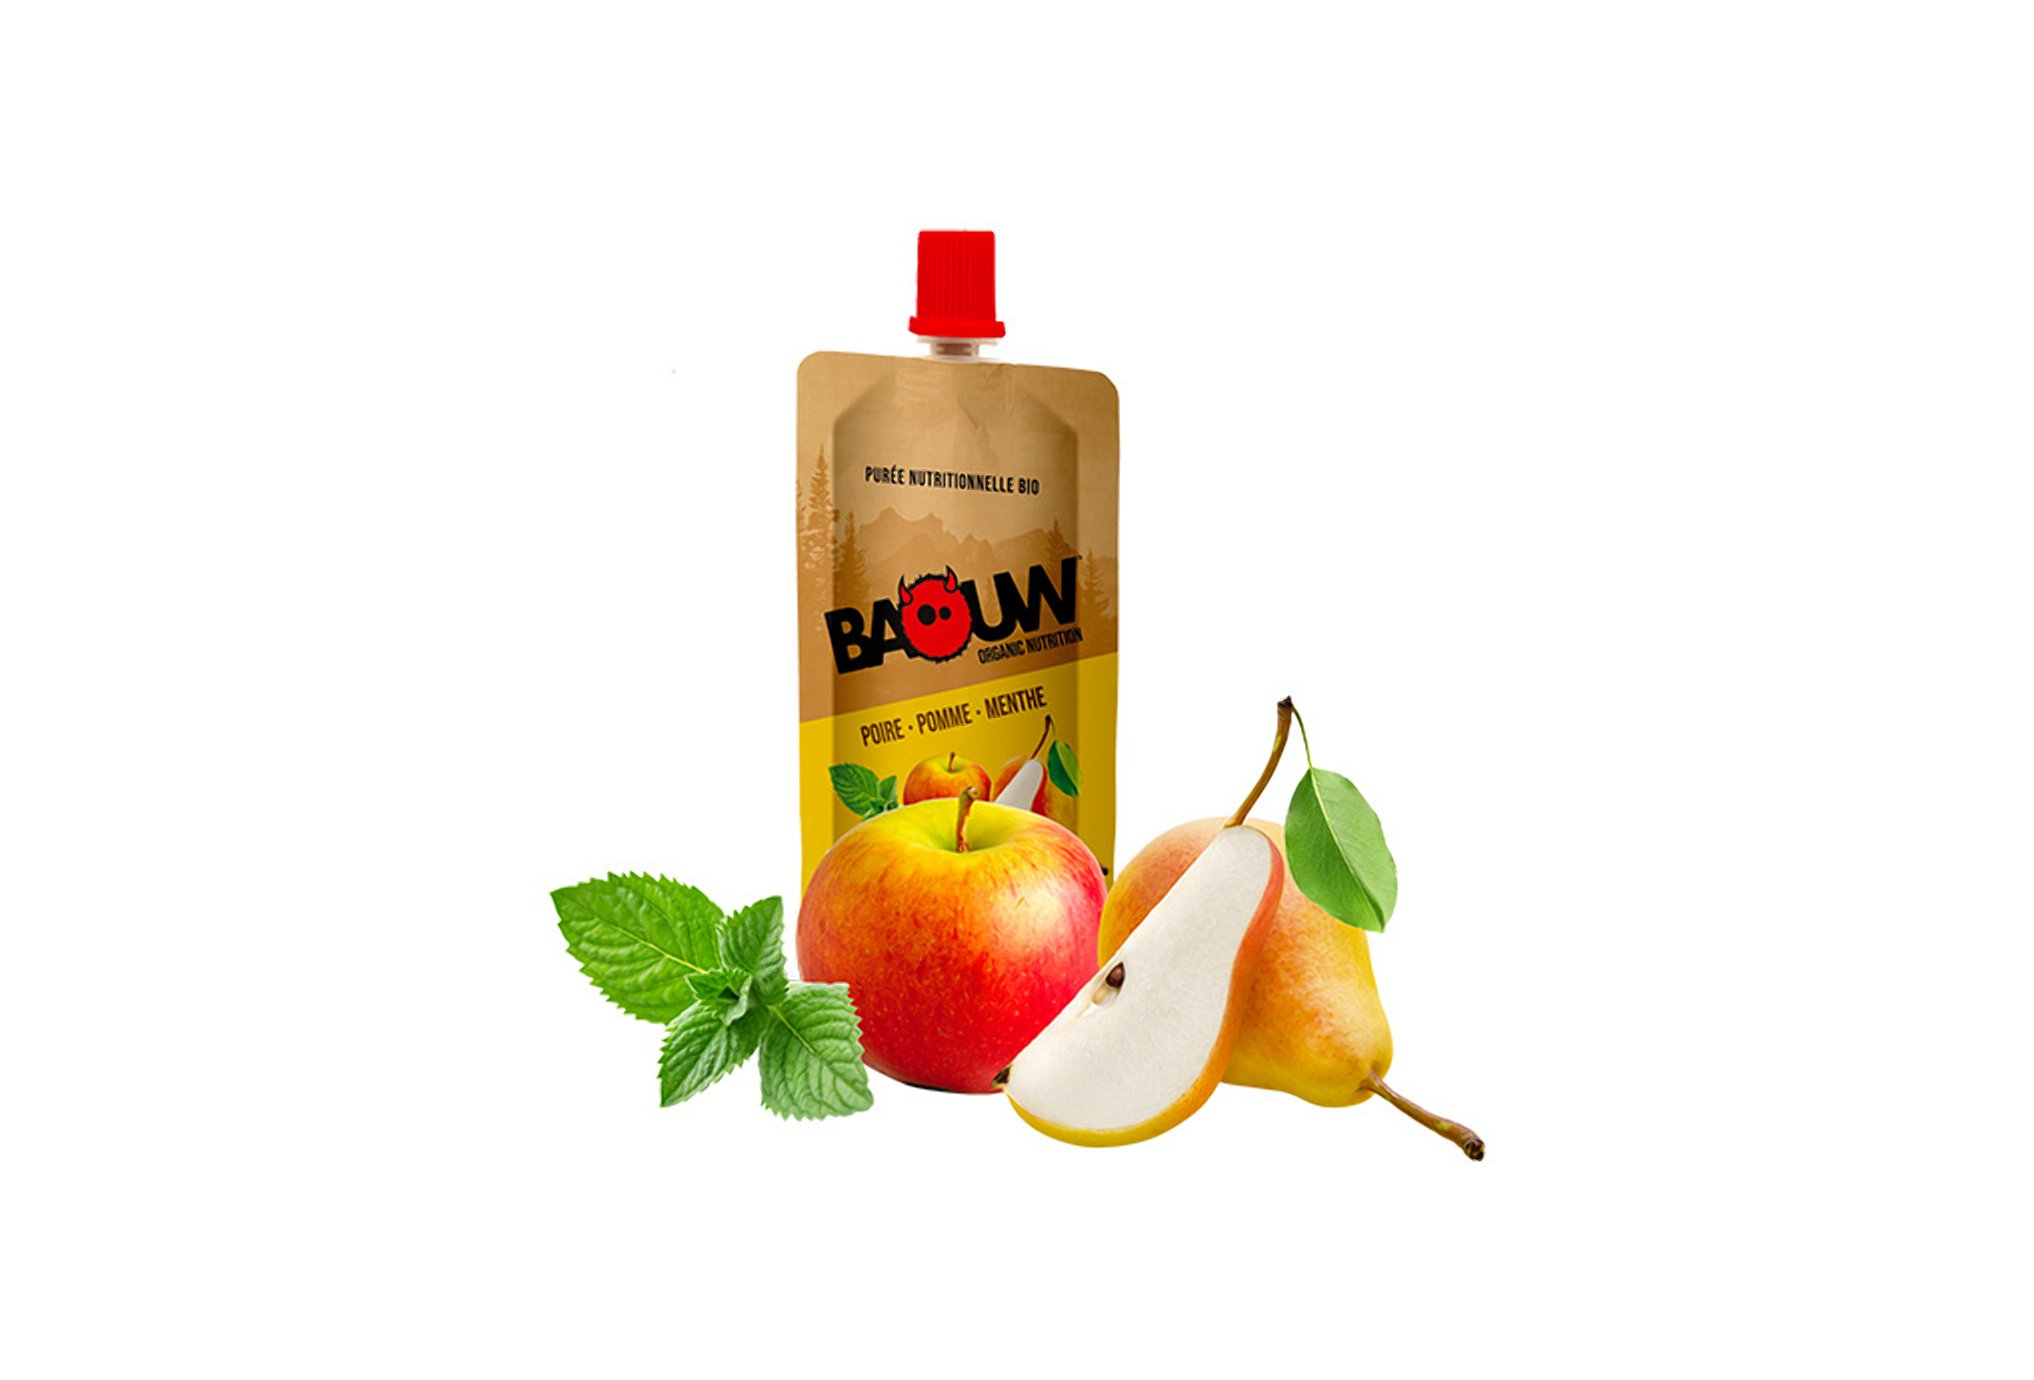 Baouw Purée nutritionnelle bio - Poire - Pomme - Menthe Diététique Gels